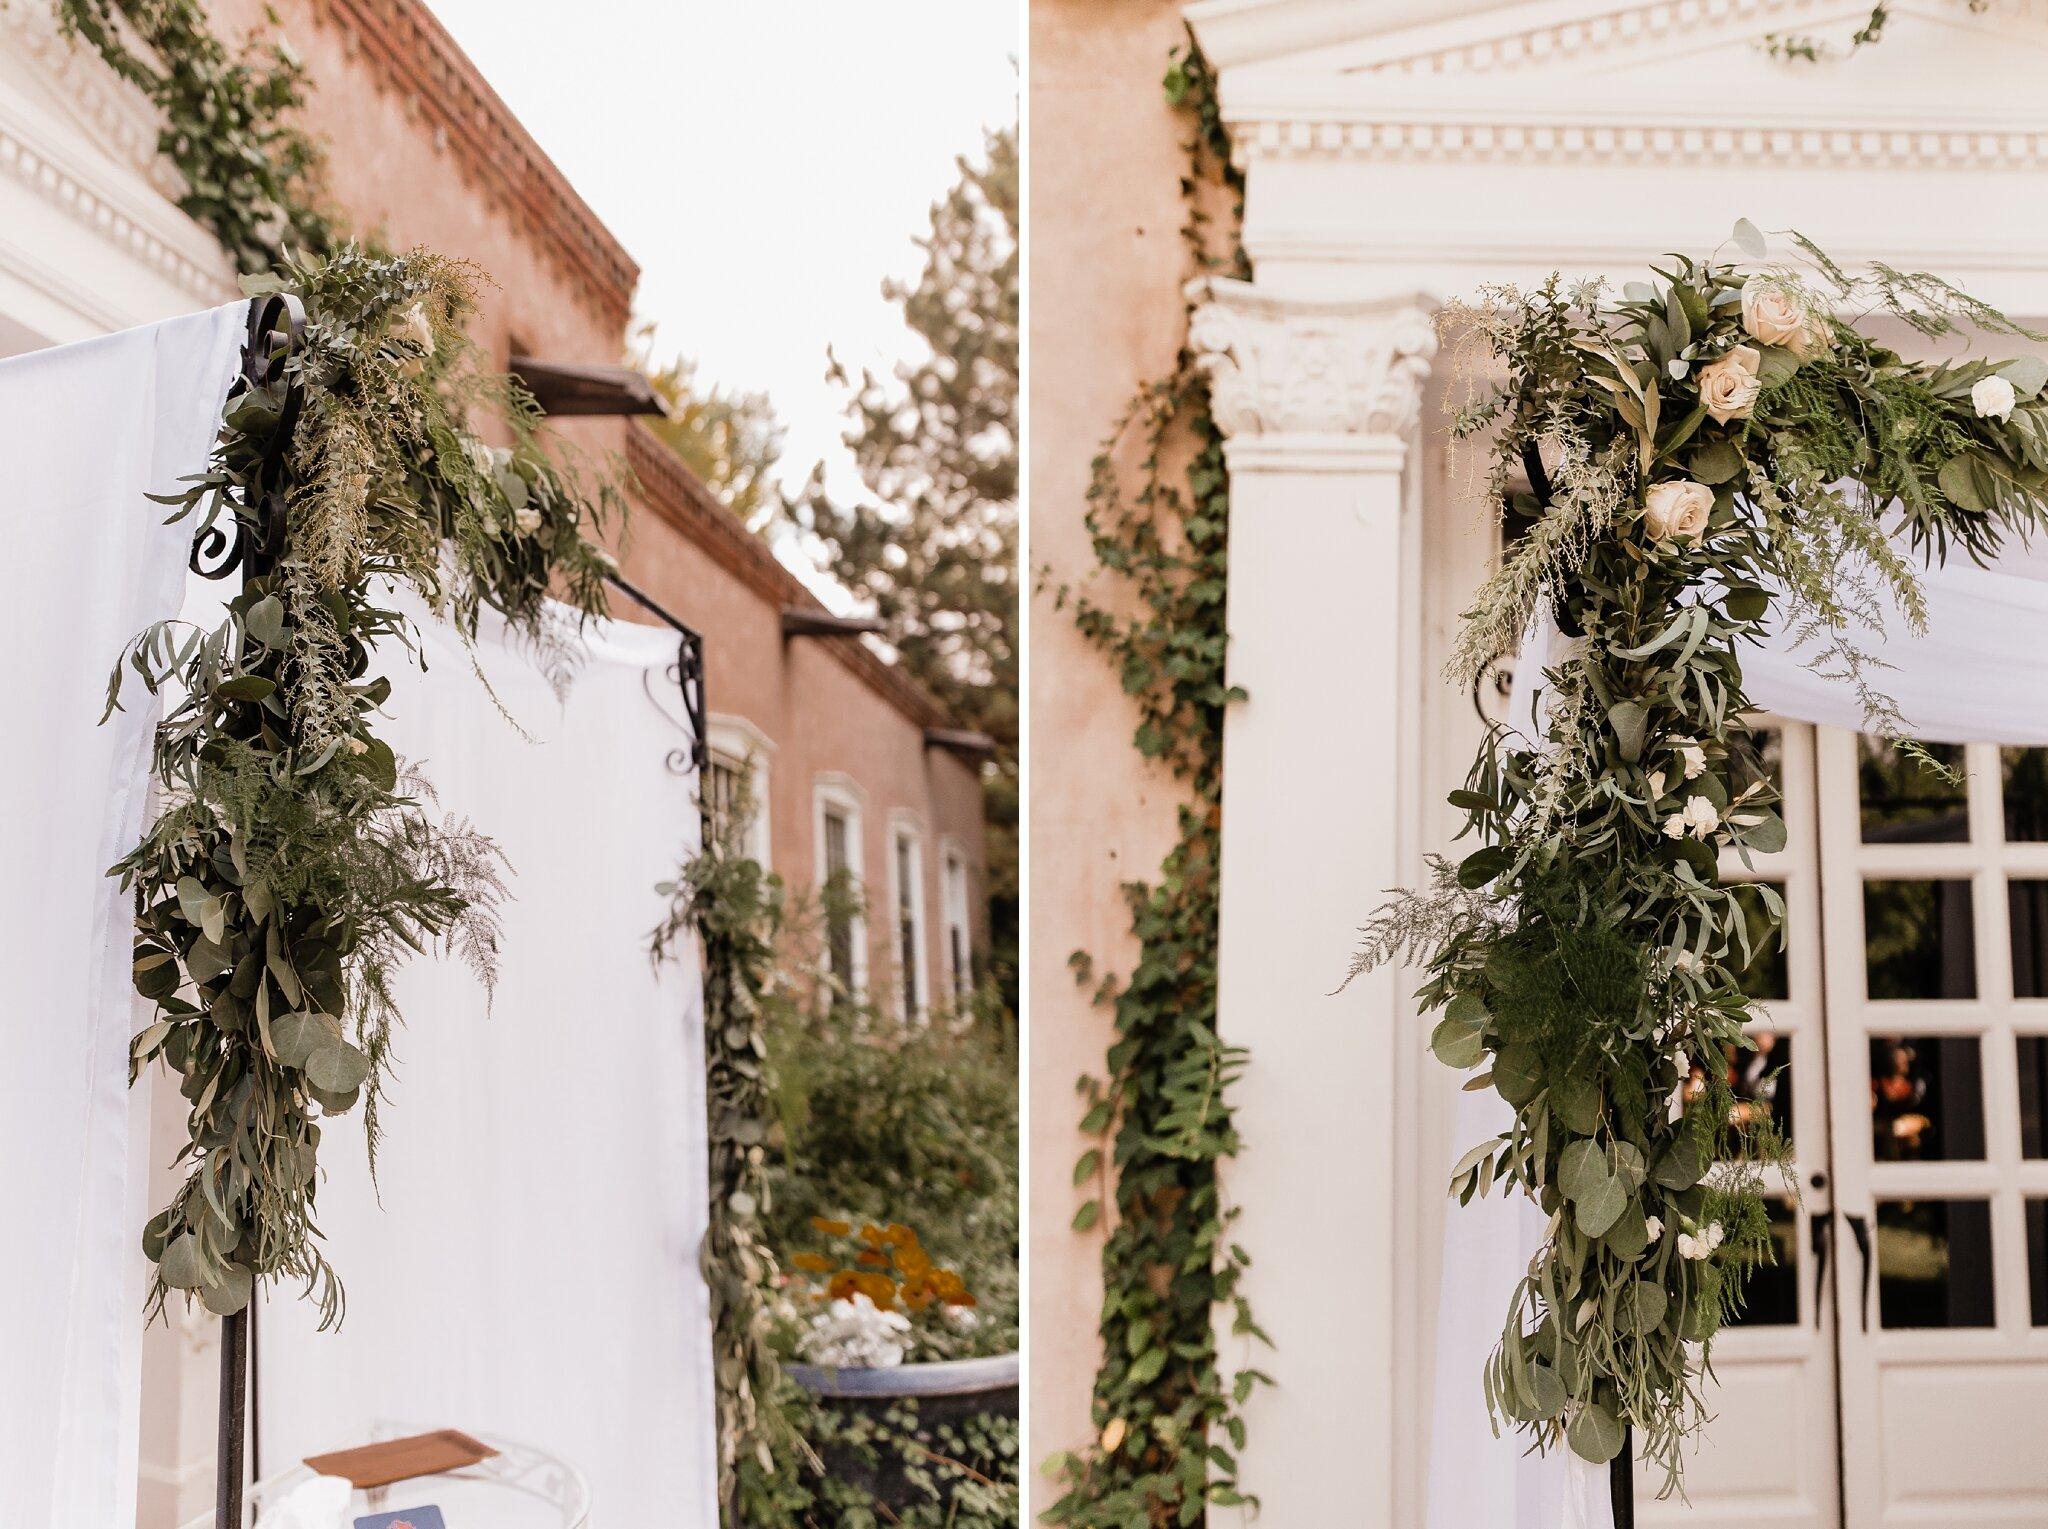 Alicia+lucia+photography+-+albuquerque+wedding+photographer+-+santa+fe+wedding+photography+-+new+mexico+wedding+photographer+-+new+mexico+wedding+-+wedding+-+albuquerque+wedding+-+los+poblanos+-+los+poblanos+wedding+-+fall+wedding_0045.jpg